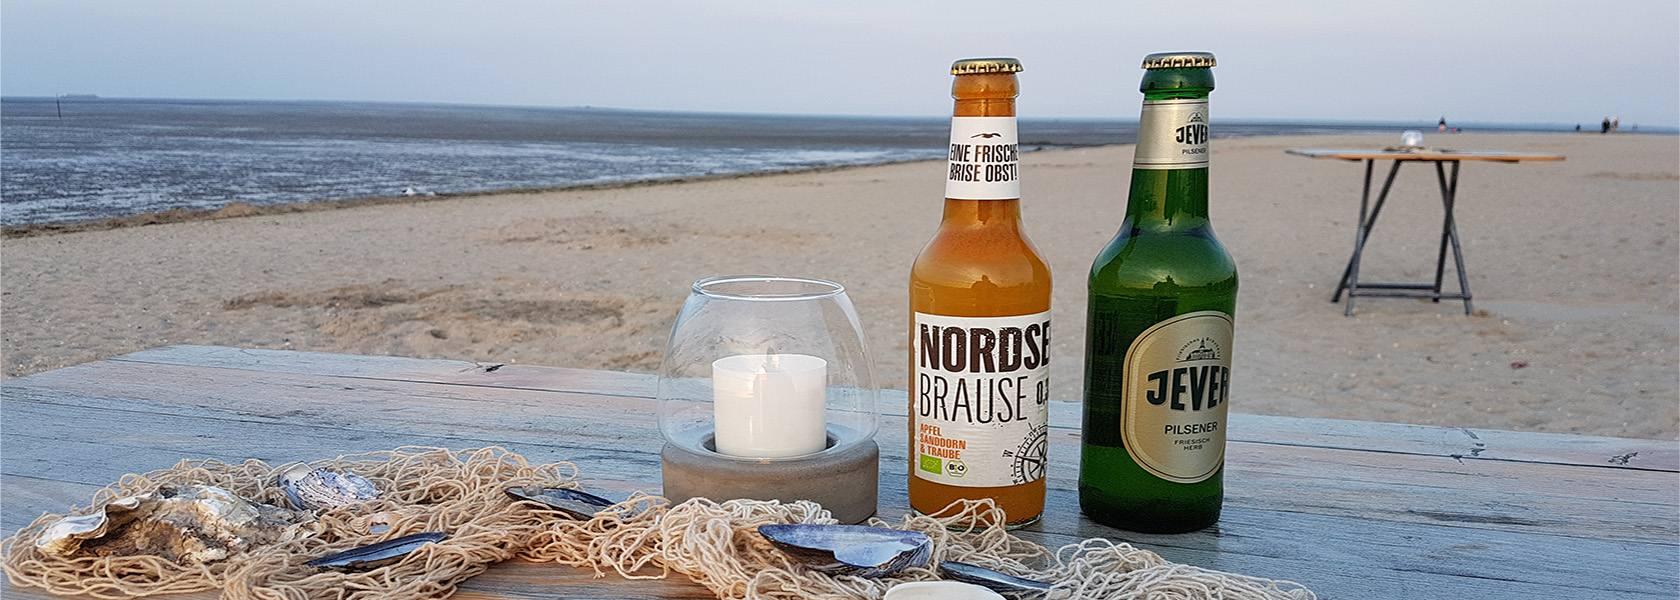 Bierflaschen am Strand, © Die Nordsee GmbH, Carolin Wulke